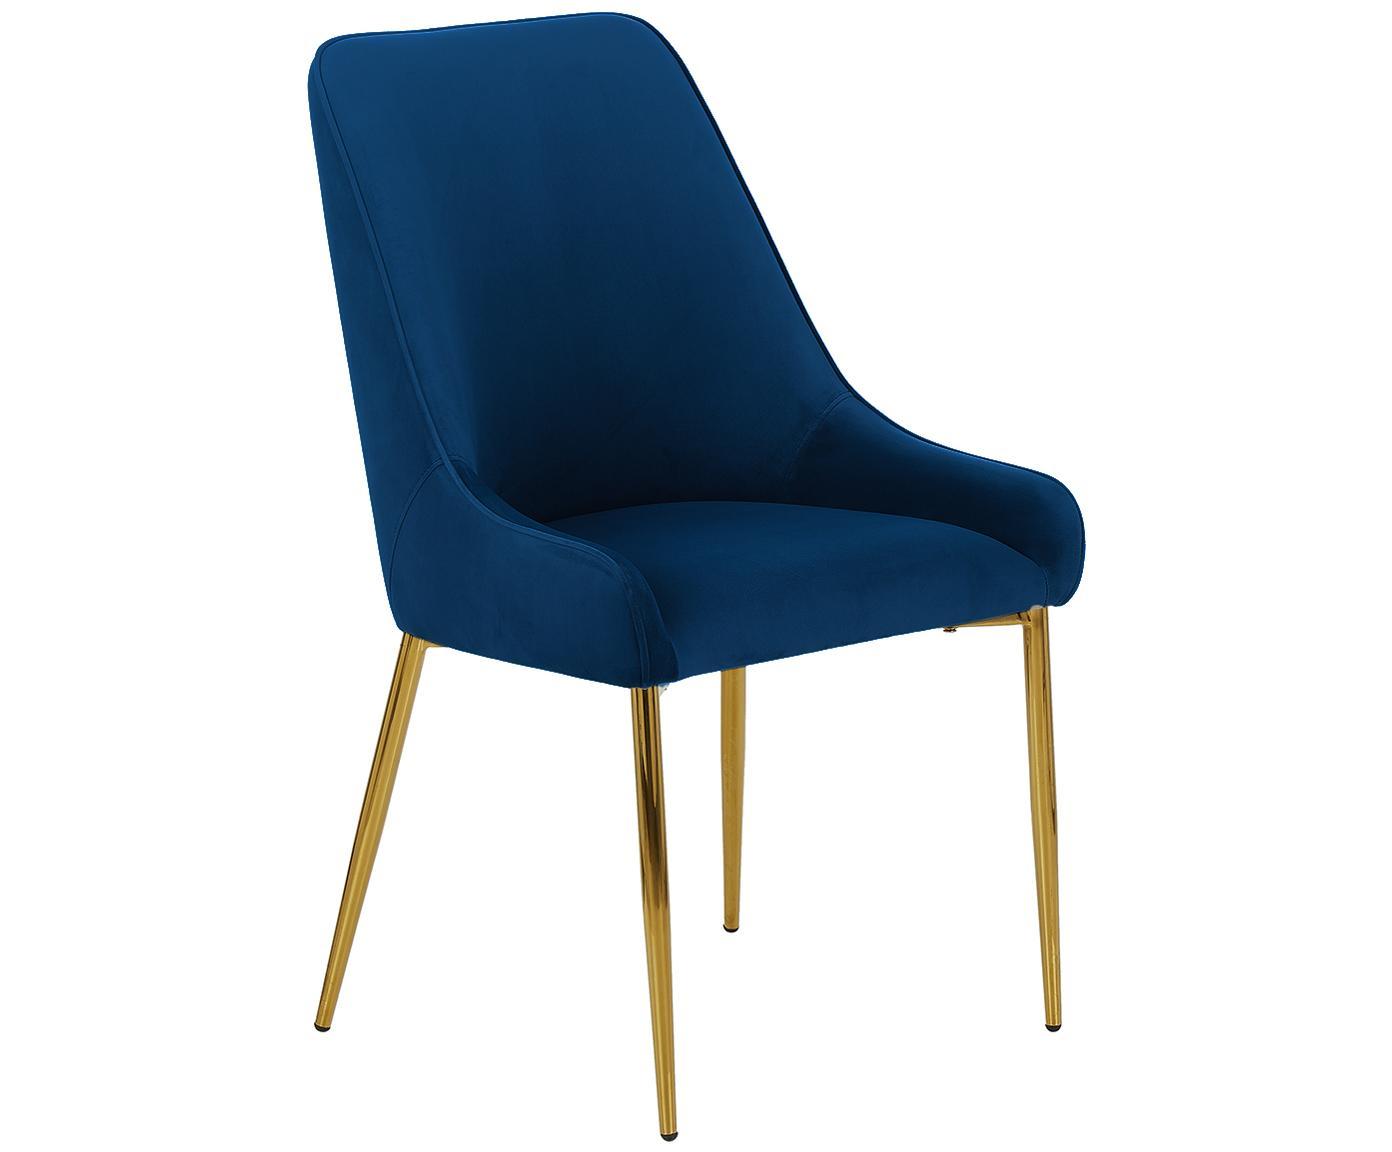 Fluweel gestoffeerde stoel Ava, Bekleding: fluweel (100% polyester), Poten: gegalvaniseerd metaal, Donkerblauw, B 55  x D 60 cm